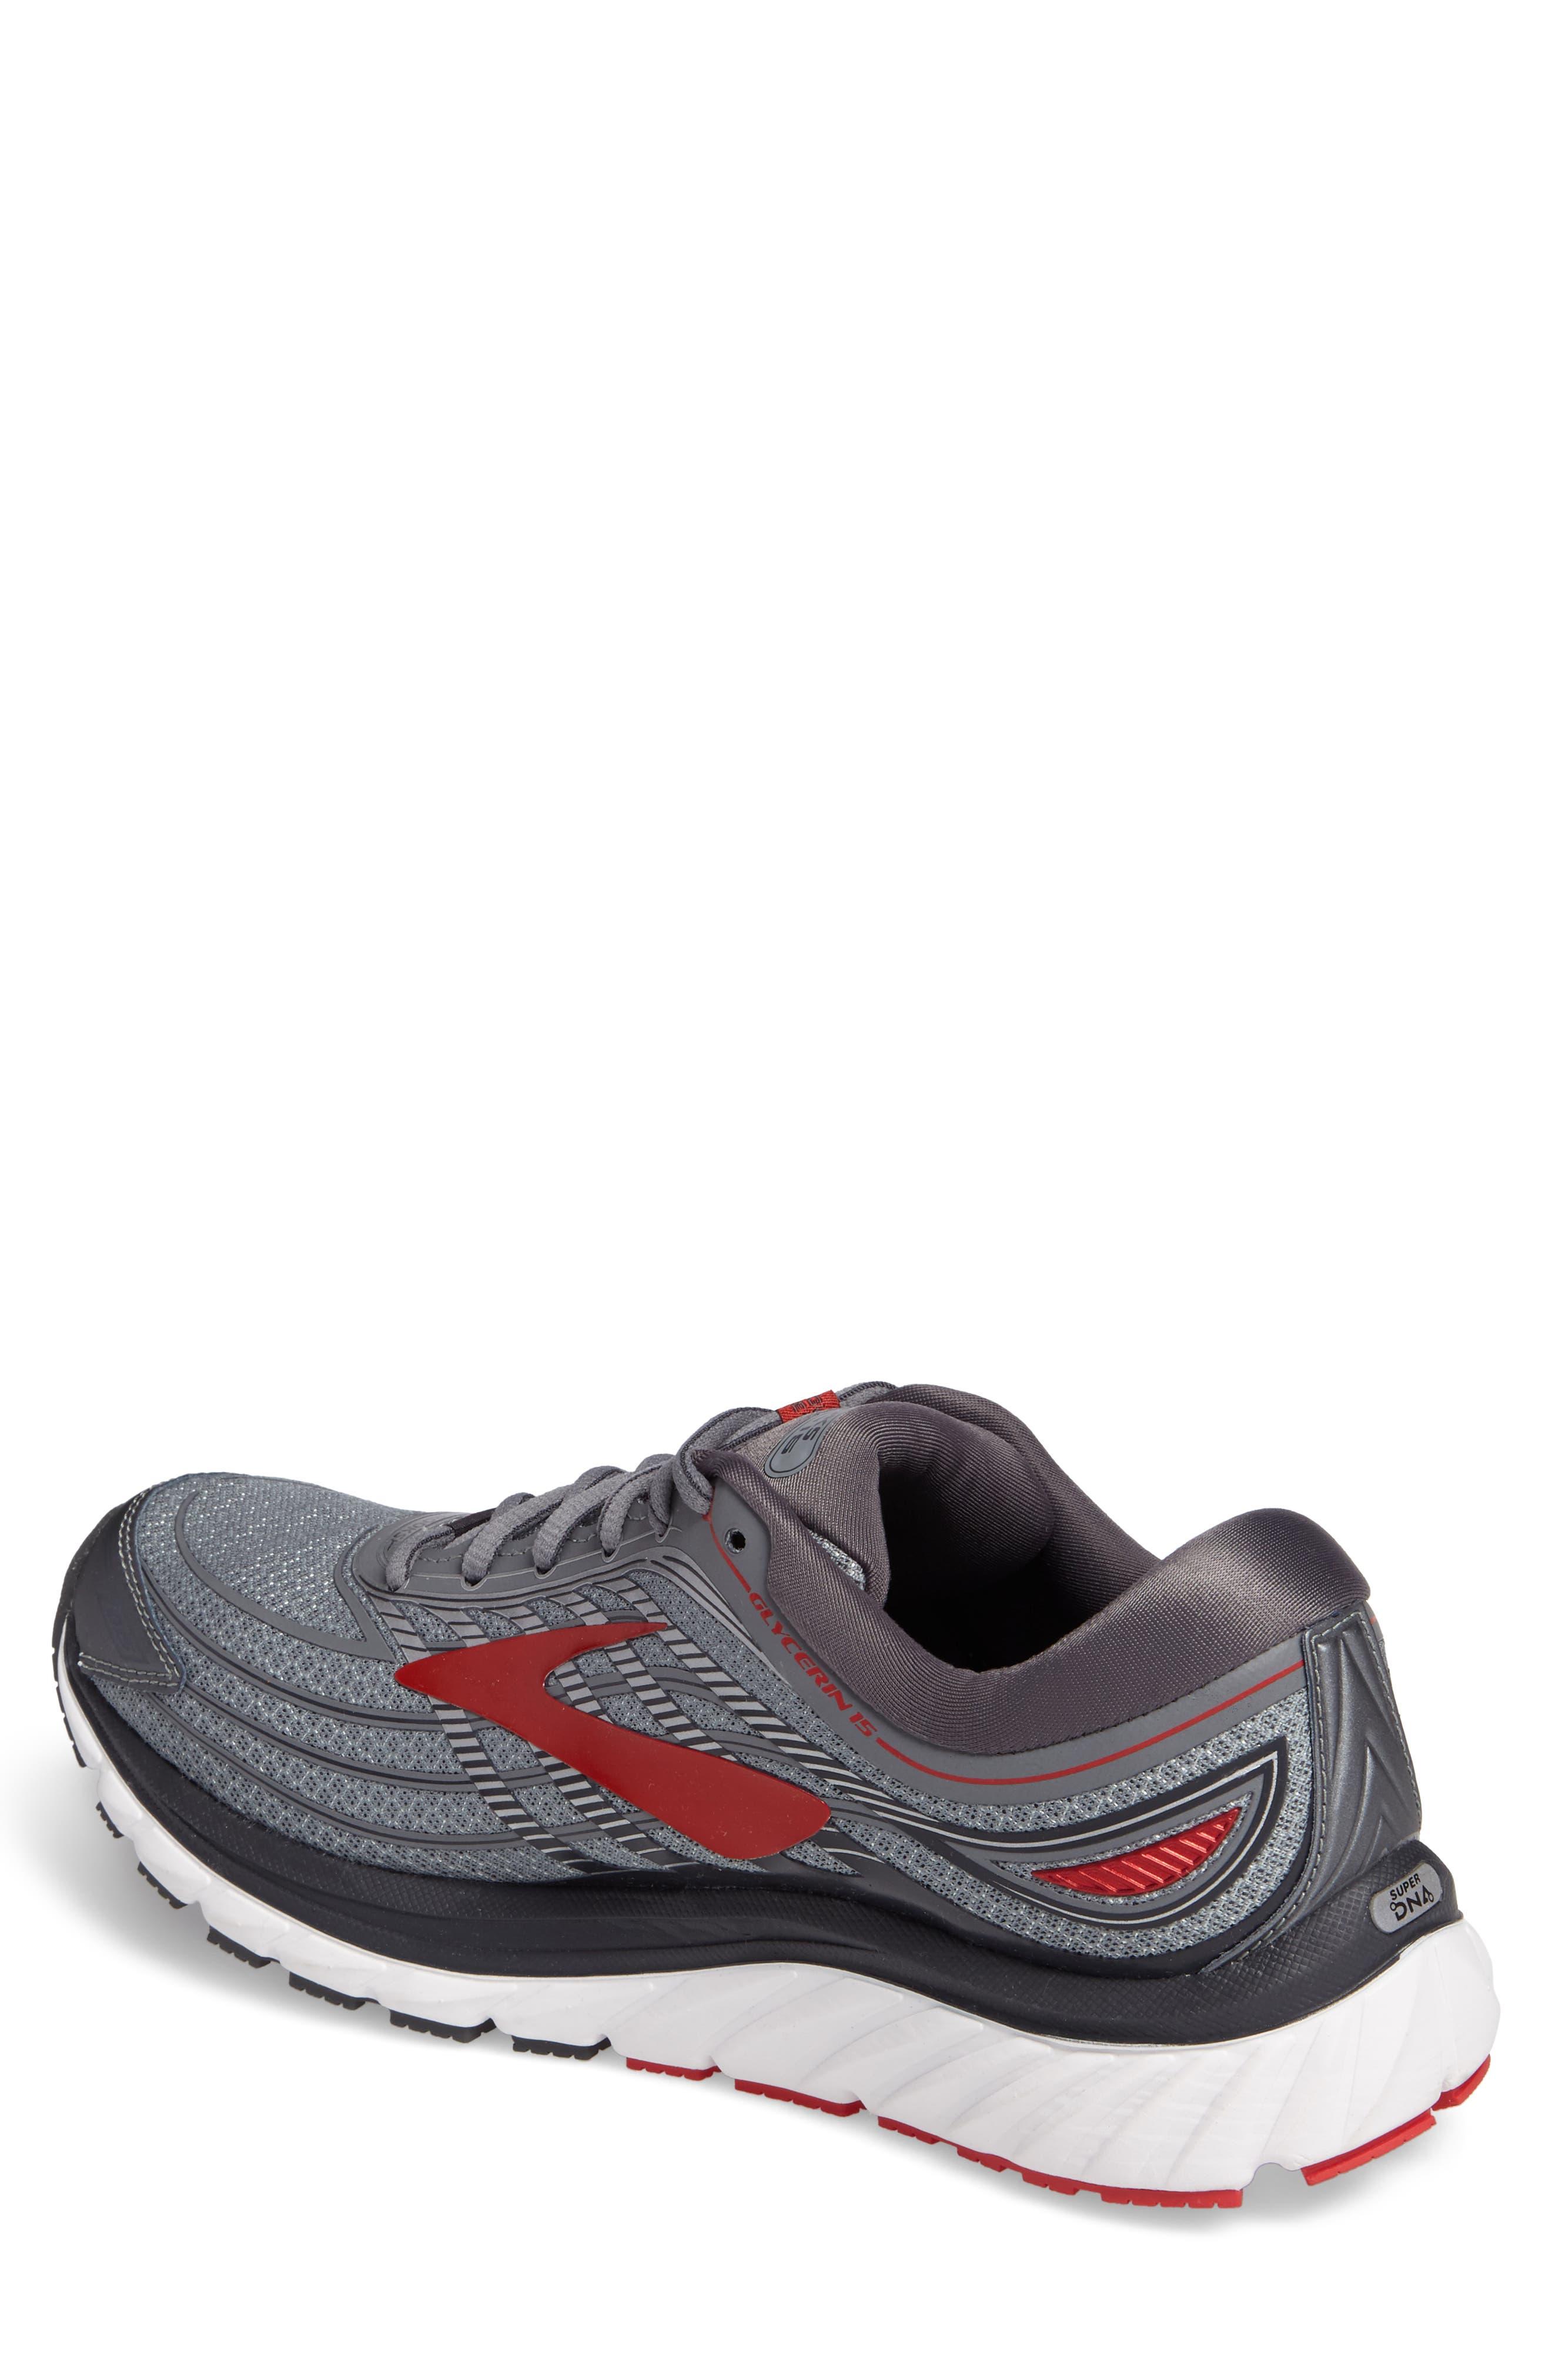 Alternate Image 2  - Brooks Glycerin 15 Running Shoe (Men)